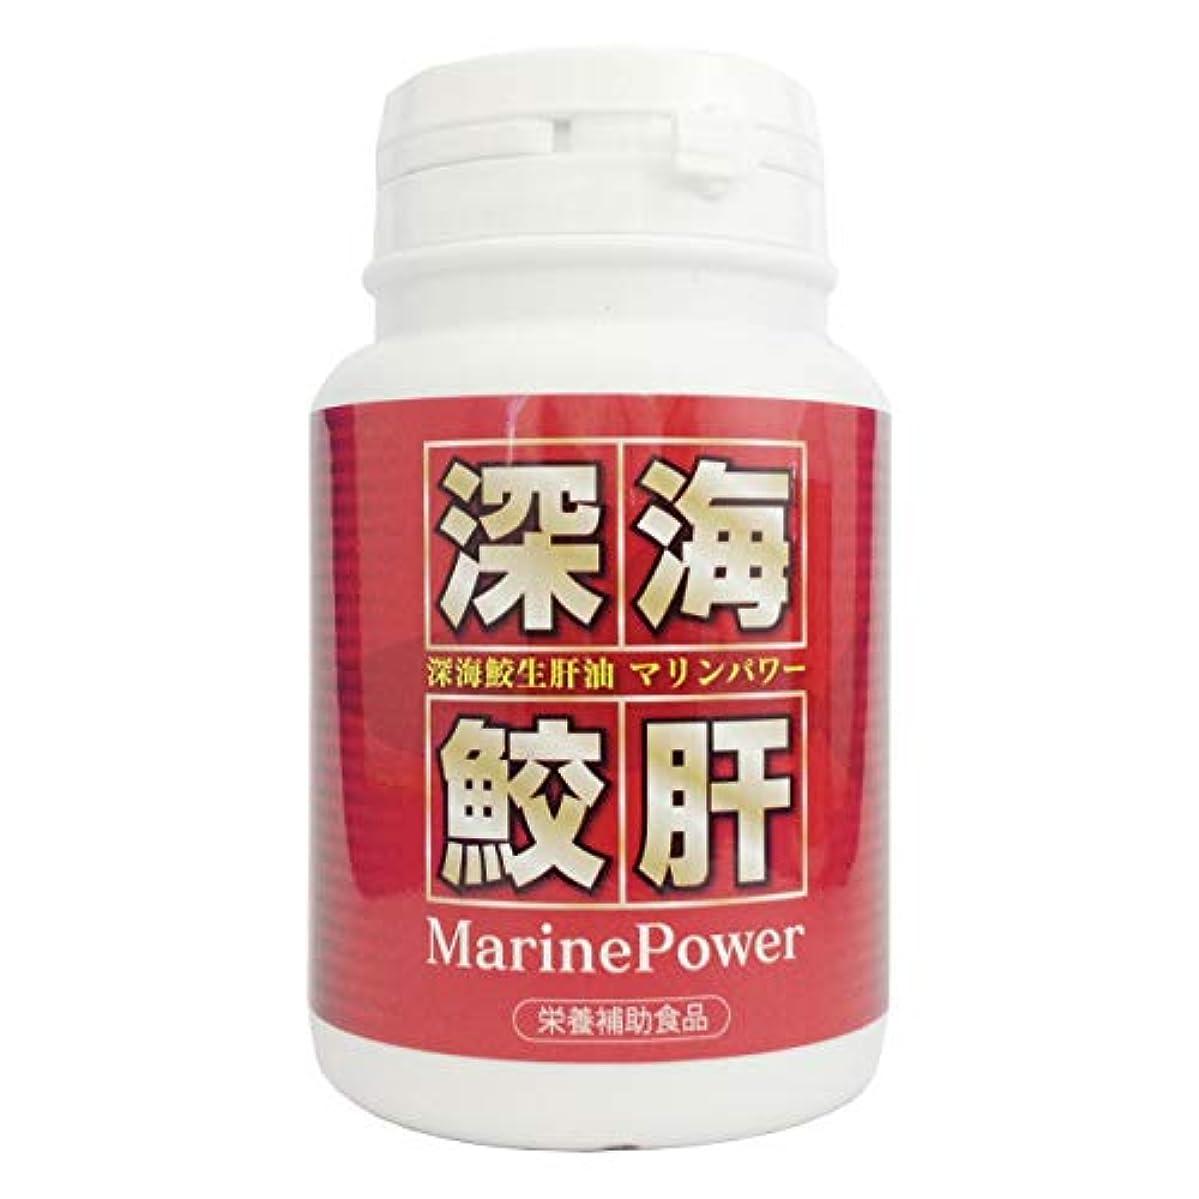 テスピアンうねる起きろ深海鮫生肝油 マリンパワー 180粒 1本 スクワレン オメガ3脂肪酸含有 (約1ヶ月分)